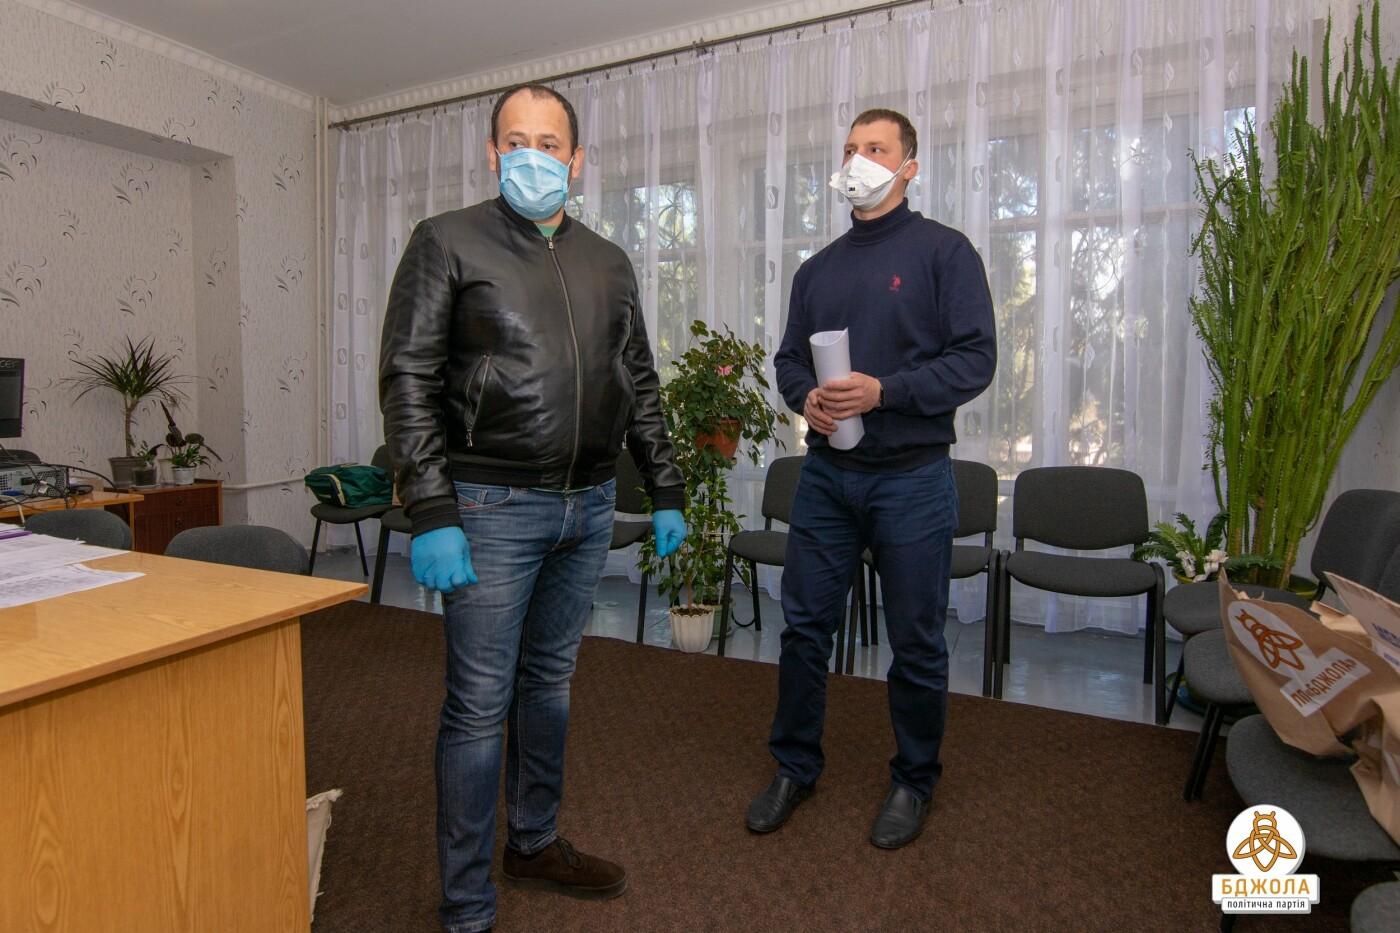 Кам'янська лікарня №7 отримала допомогу від партії «Бджола», фото-3